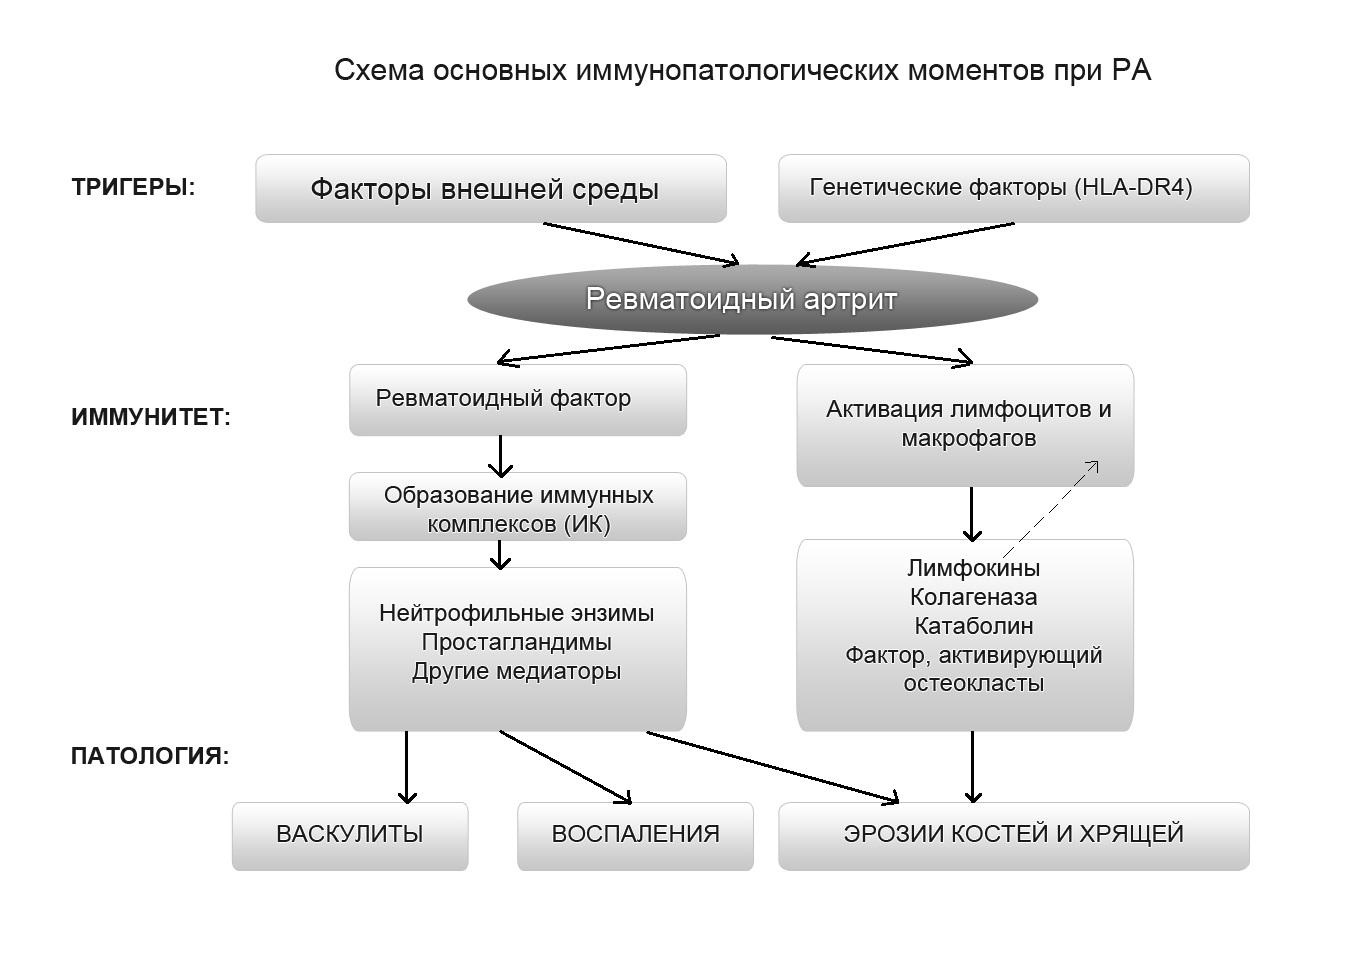 Схема иммуннопатологических моментов РА